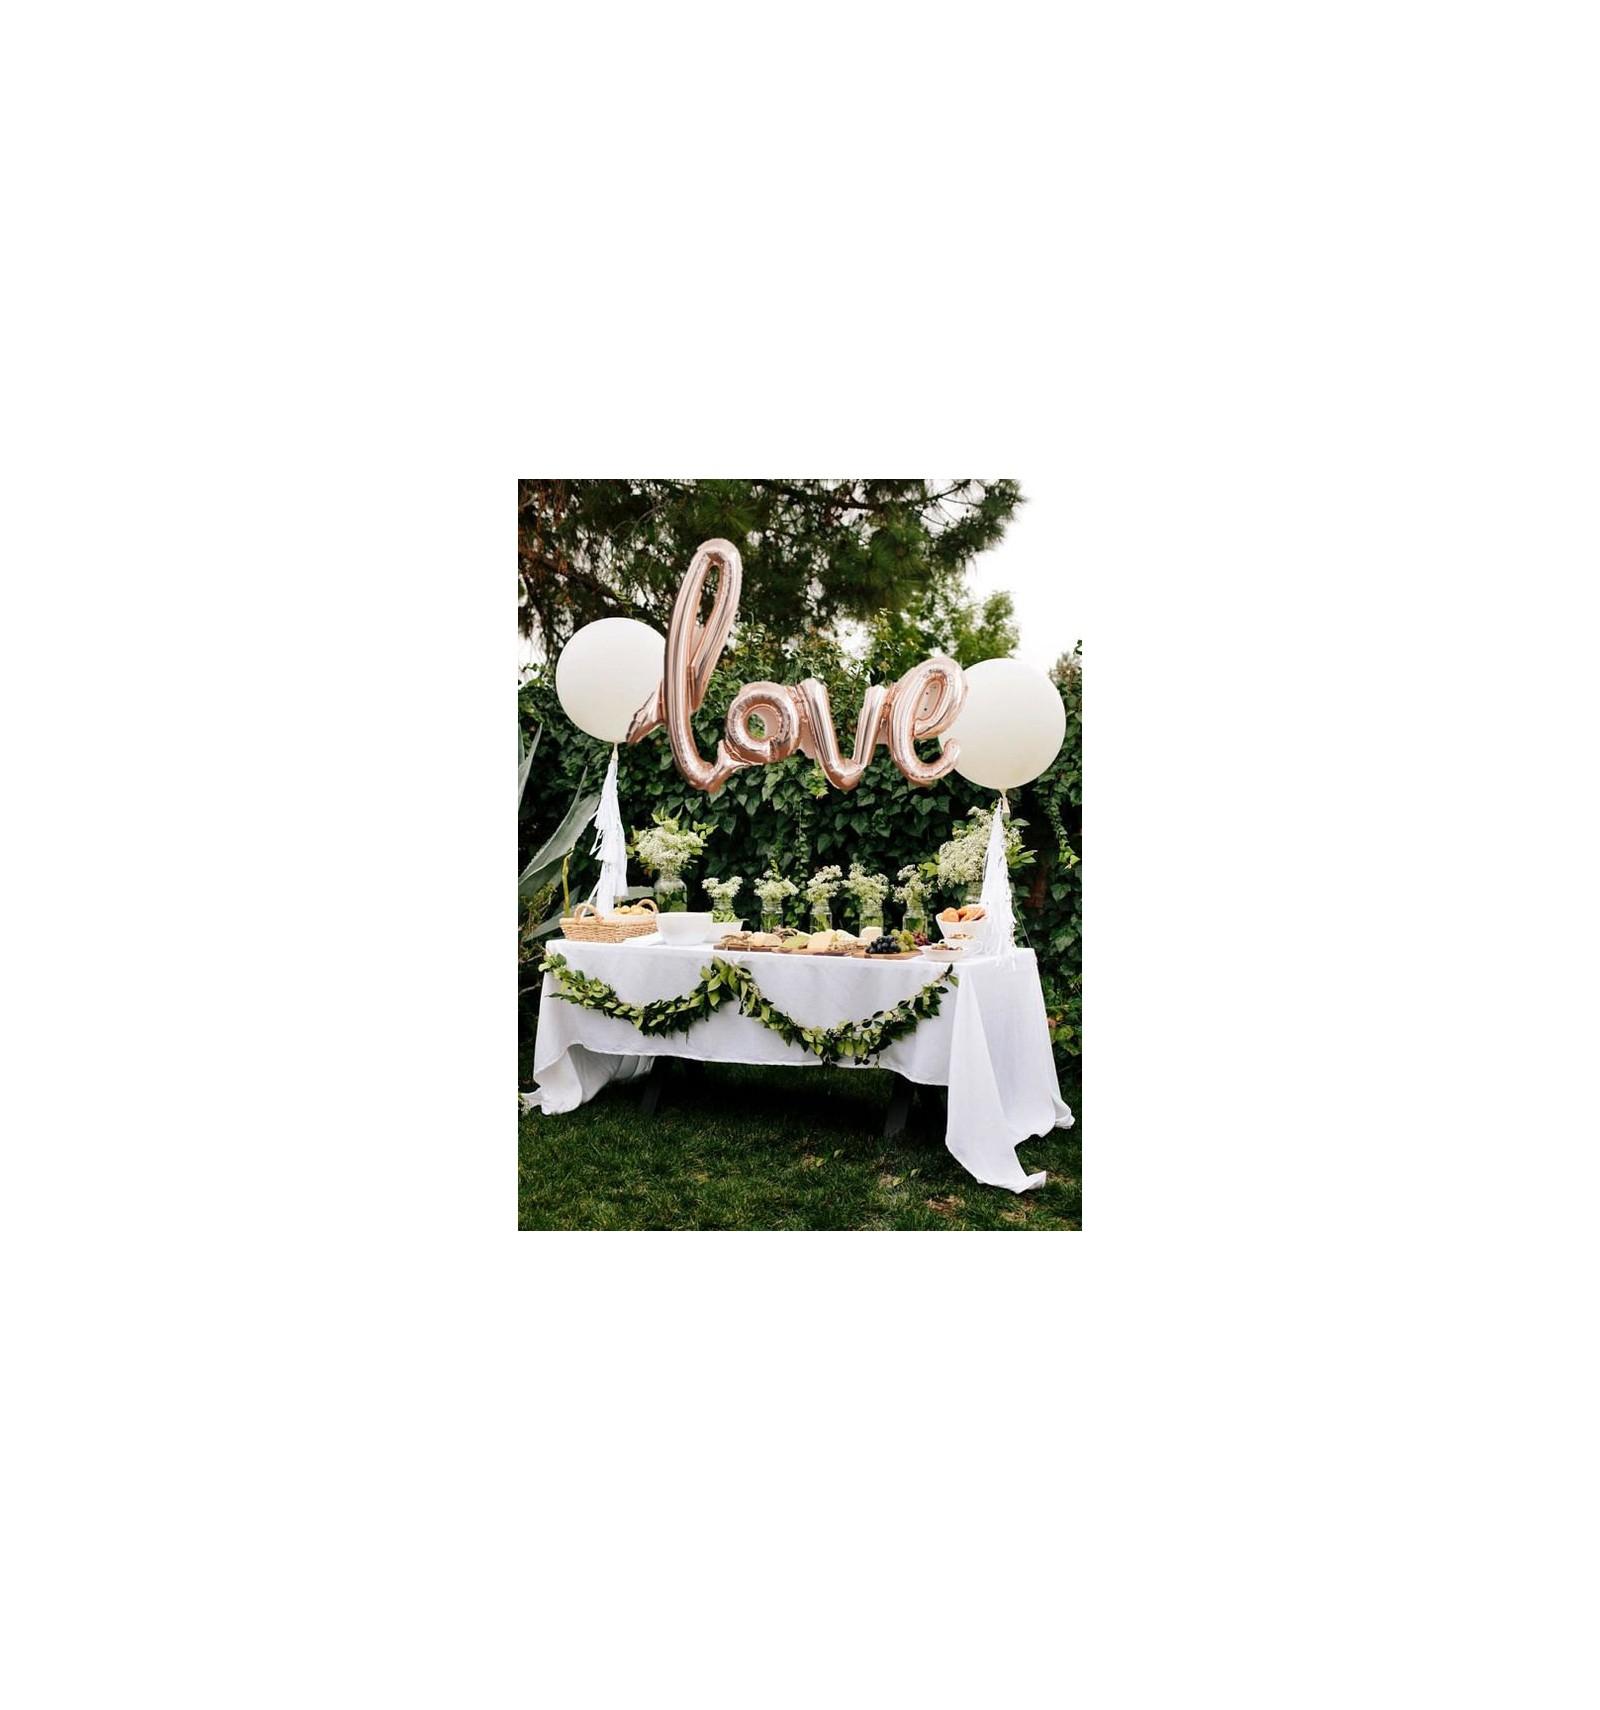 acheter votre ballon love rose champagne sur hello pompon. Black Bedroom Furniture Sets. Home Design Ideas